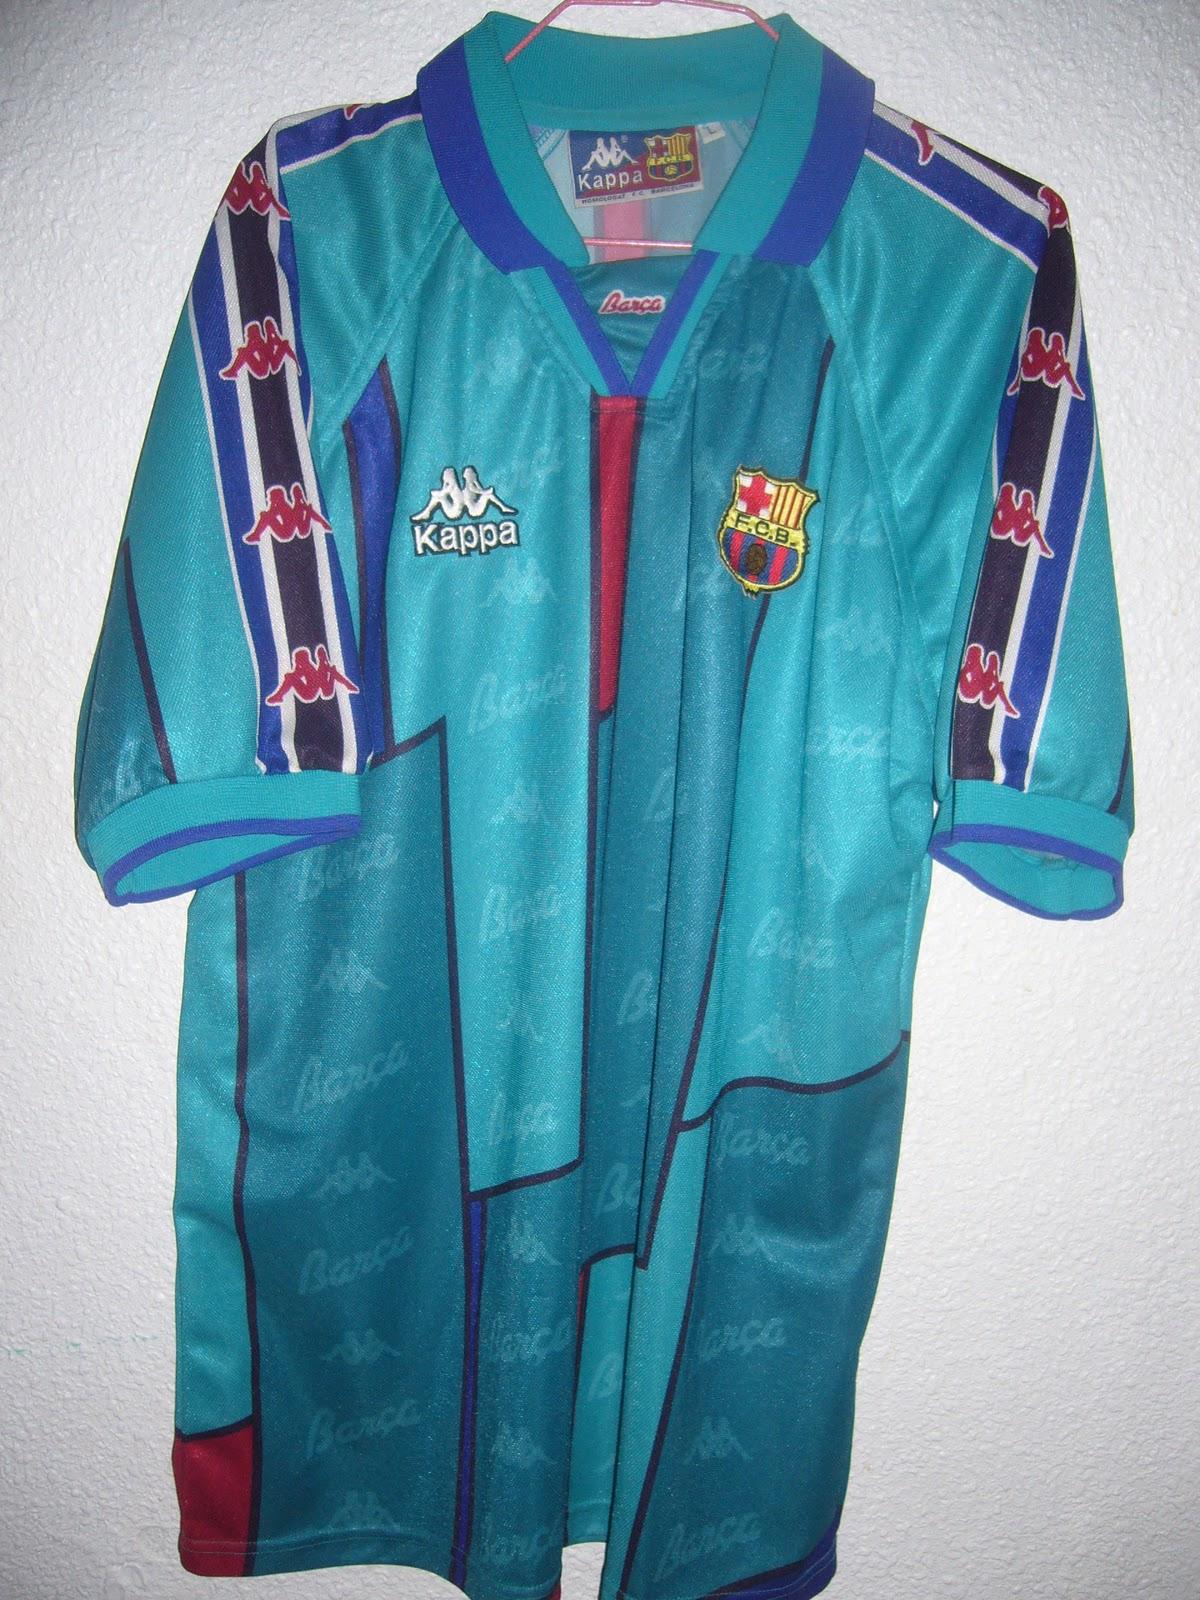 Equipo  F.C. Barcelona. Temporada  1995 1996 y 1996 1997. Marca  Kappa  Procedencia  La adquirí comprando un lote de varias camisetas en Internet. cfe055908fe02